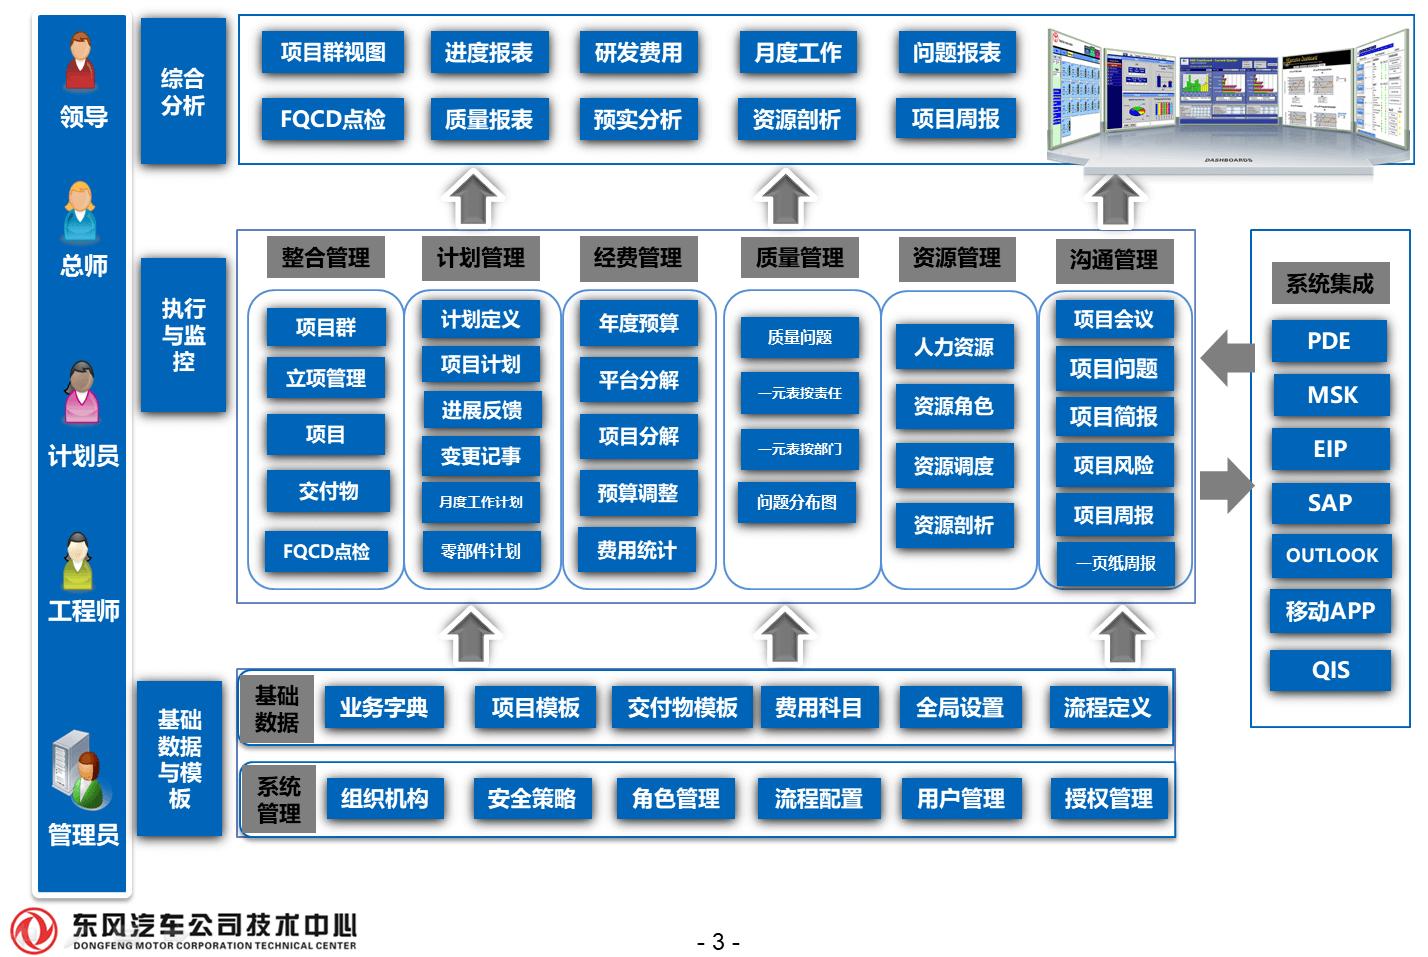 【贺】东风汽车公司技术中心PAM万博最新体育app顺利通过上线评审